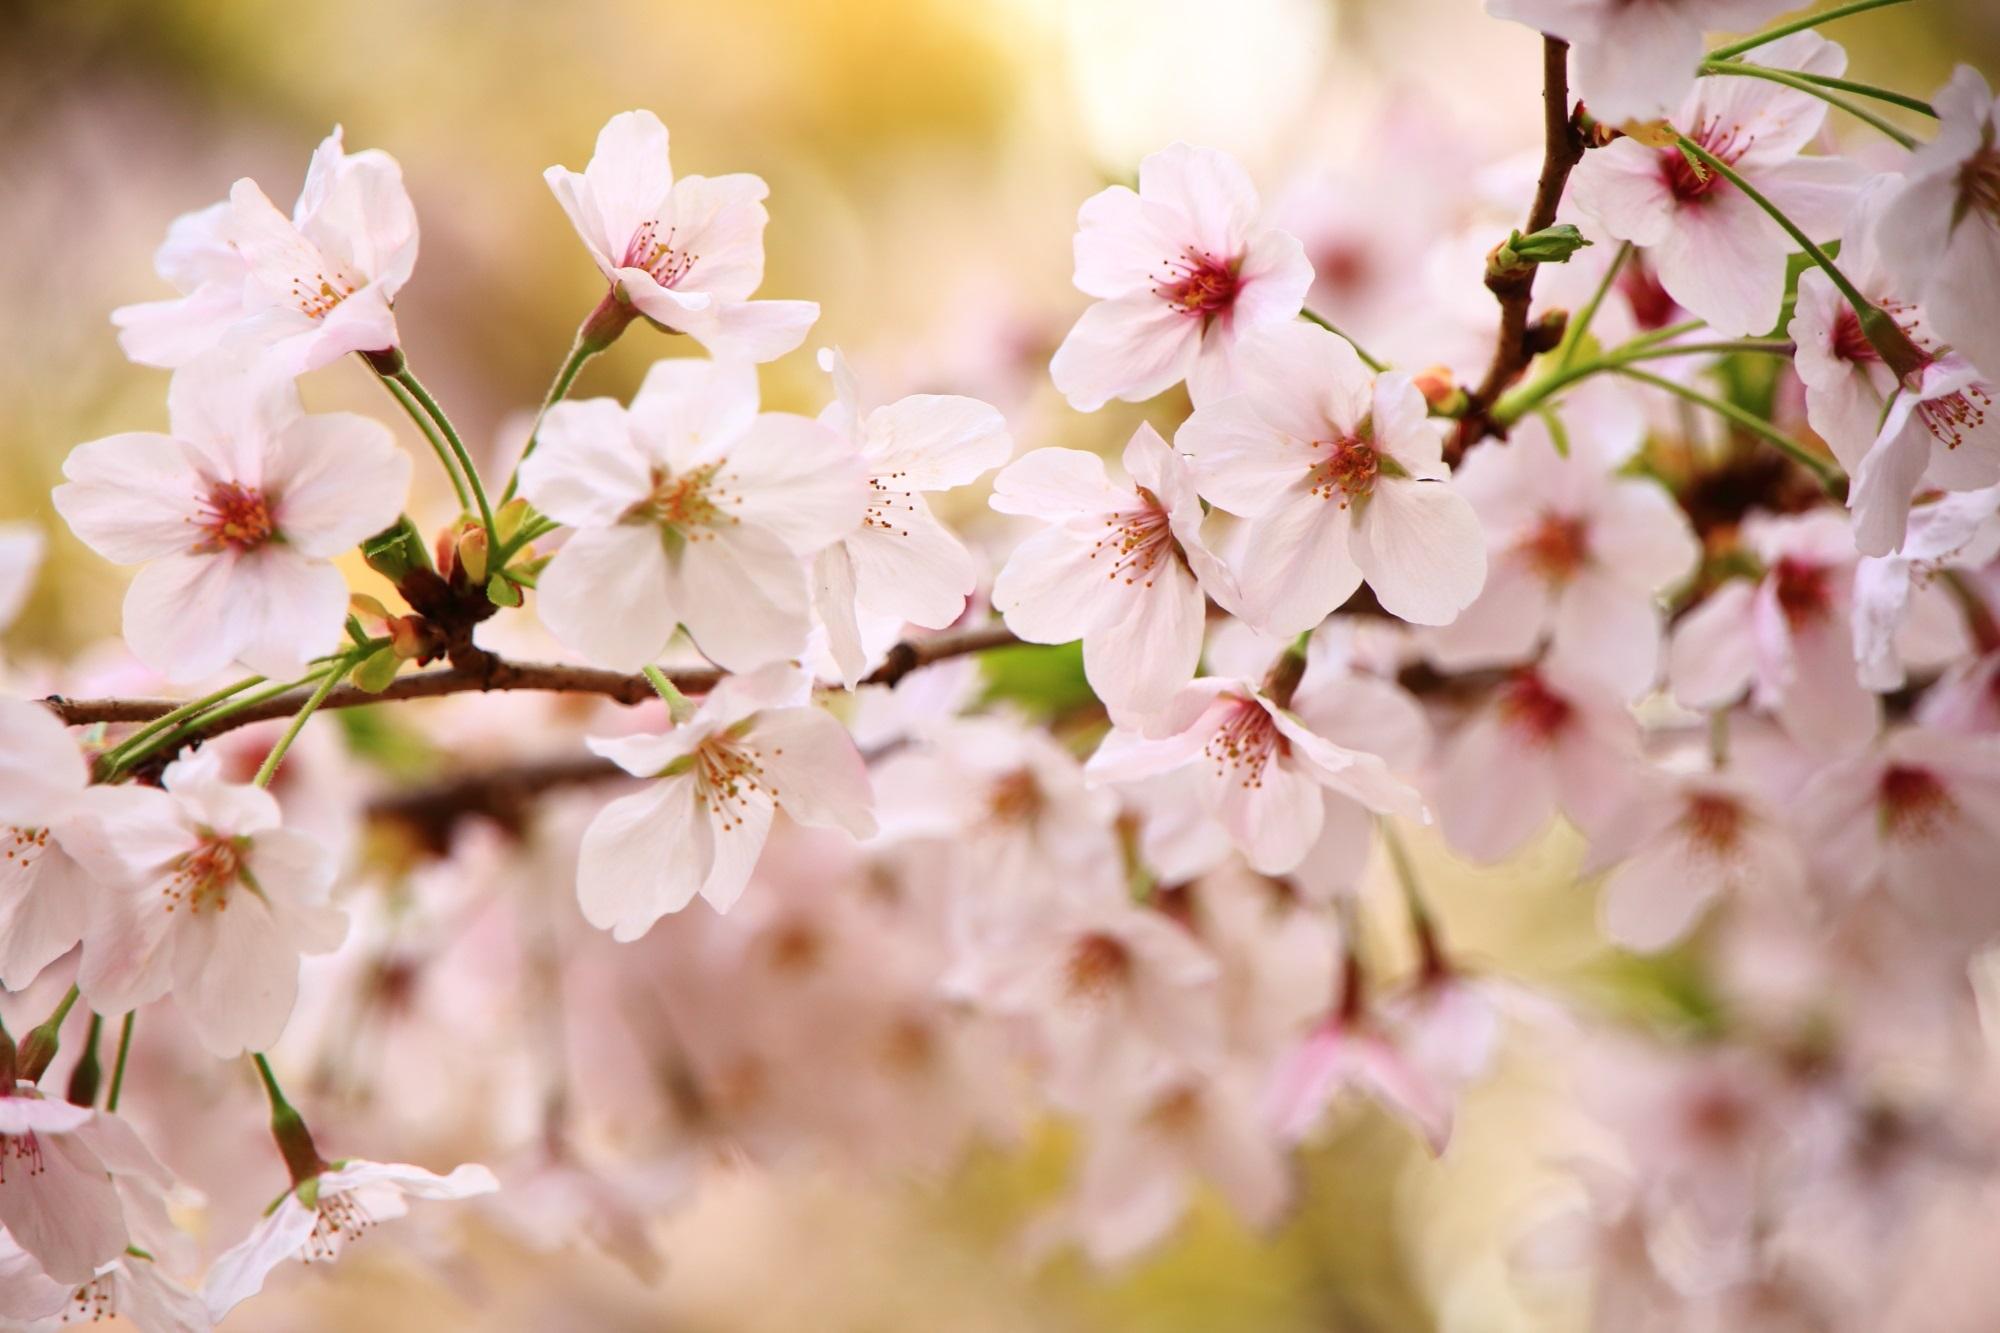 淡く柔らかい色合いのピンクの桜